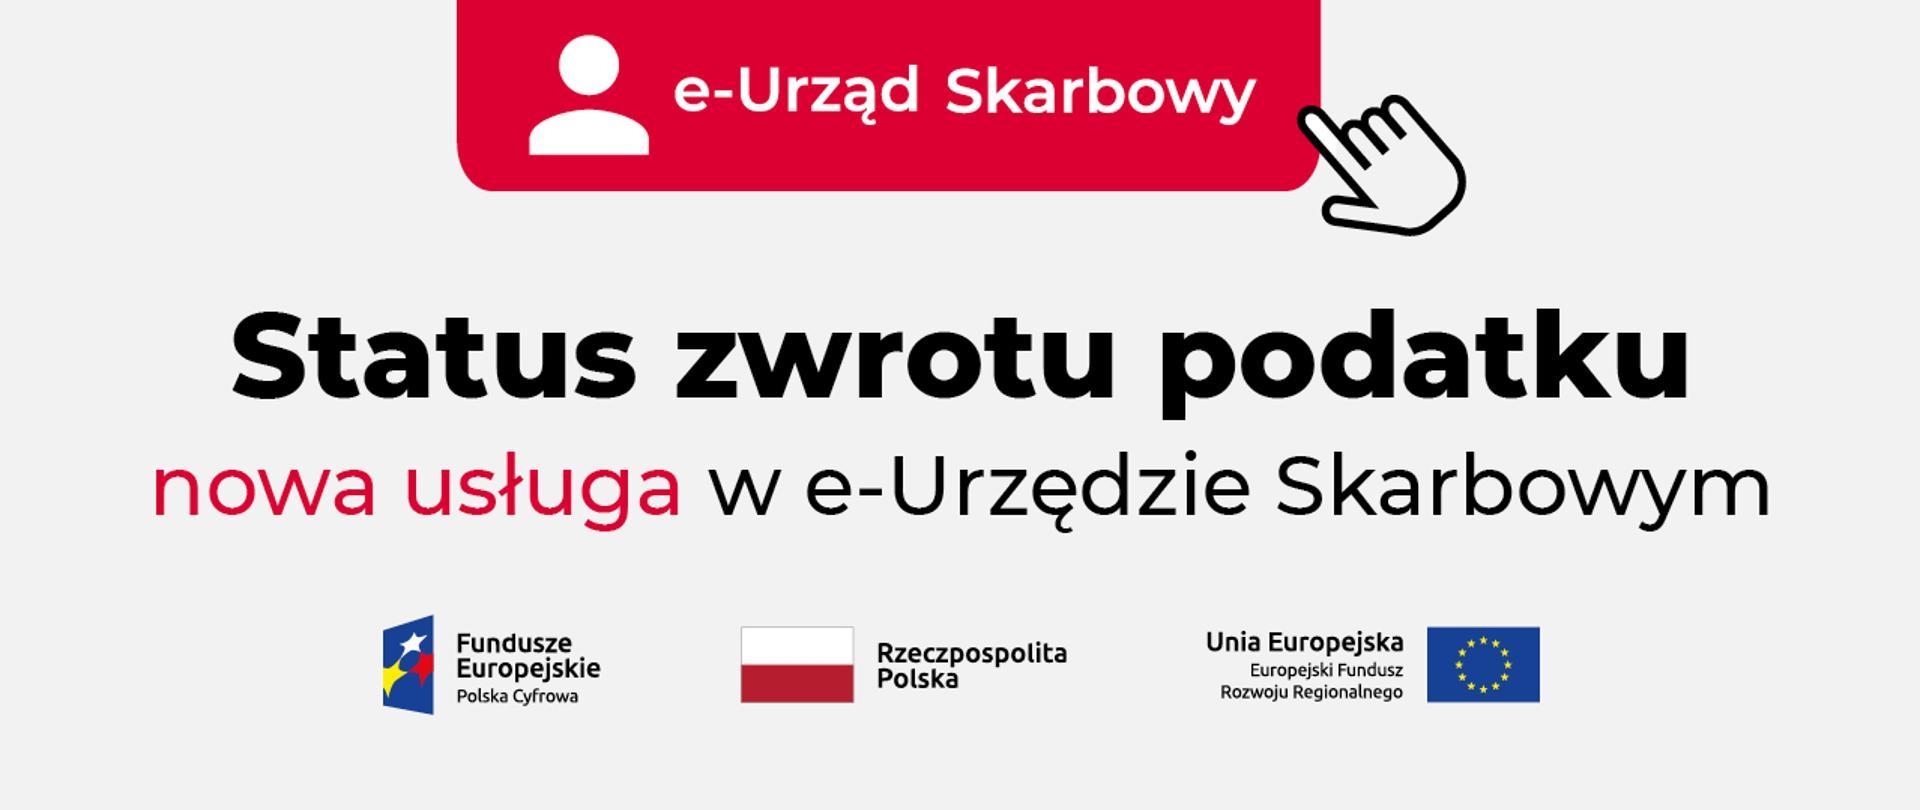 Grafika z logo e-Urzędu Skarbowego, logotypami Funduszy Europejskich, flagami Rzeczypospolitej Polskiej i Unii Europejskiej i napisem Status zwrotu podatku, nowa usługa w e-Urzędzie Skarbowym.